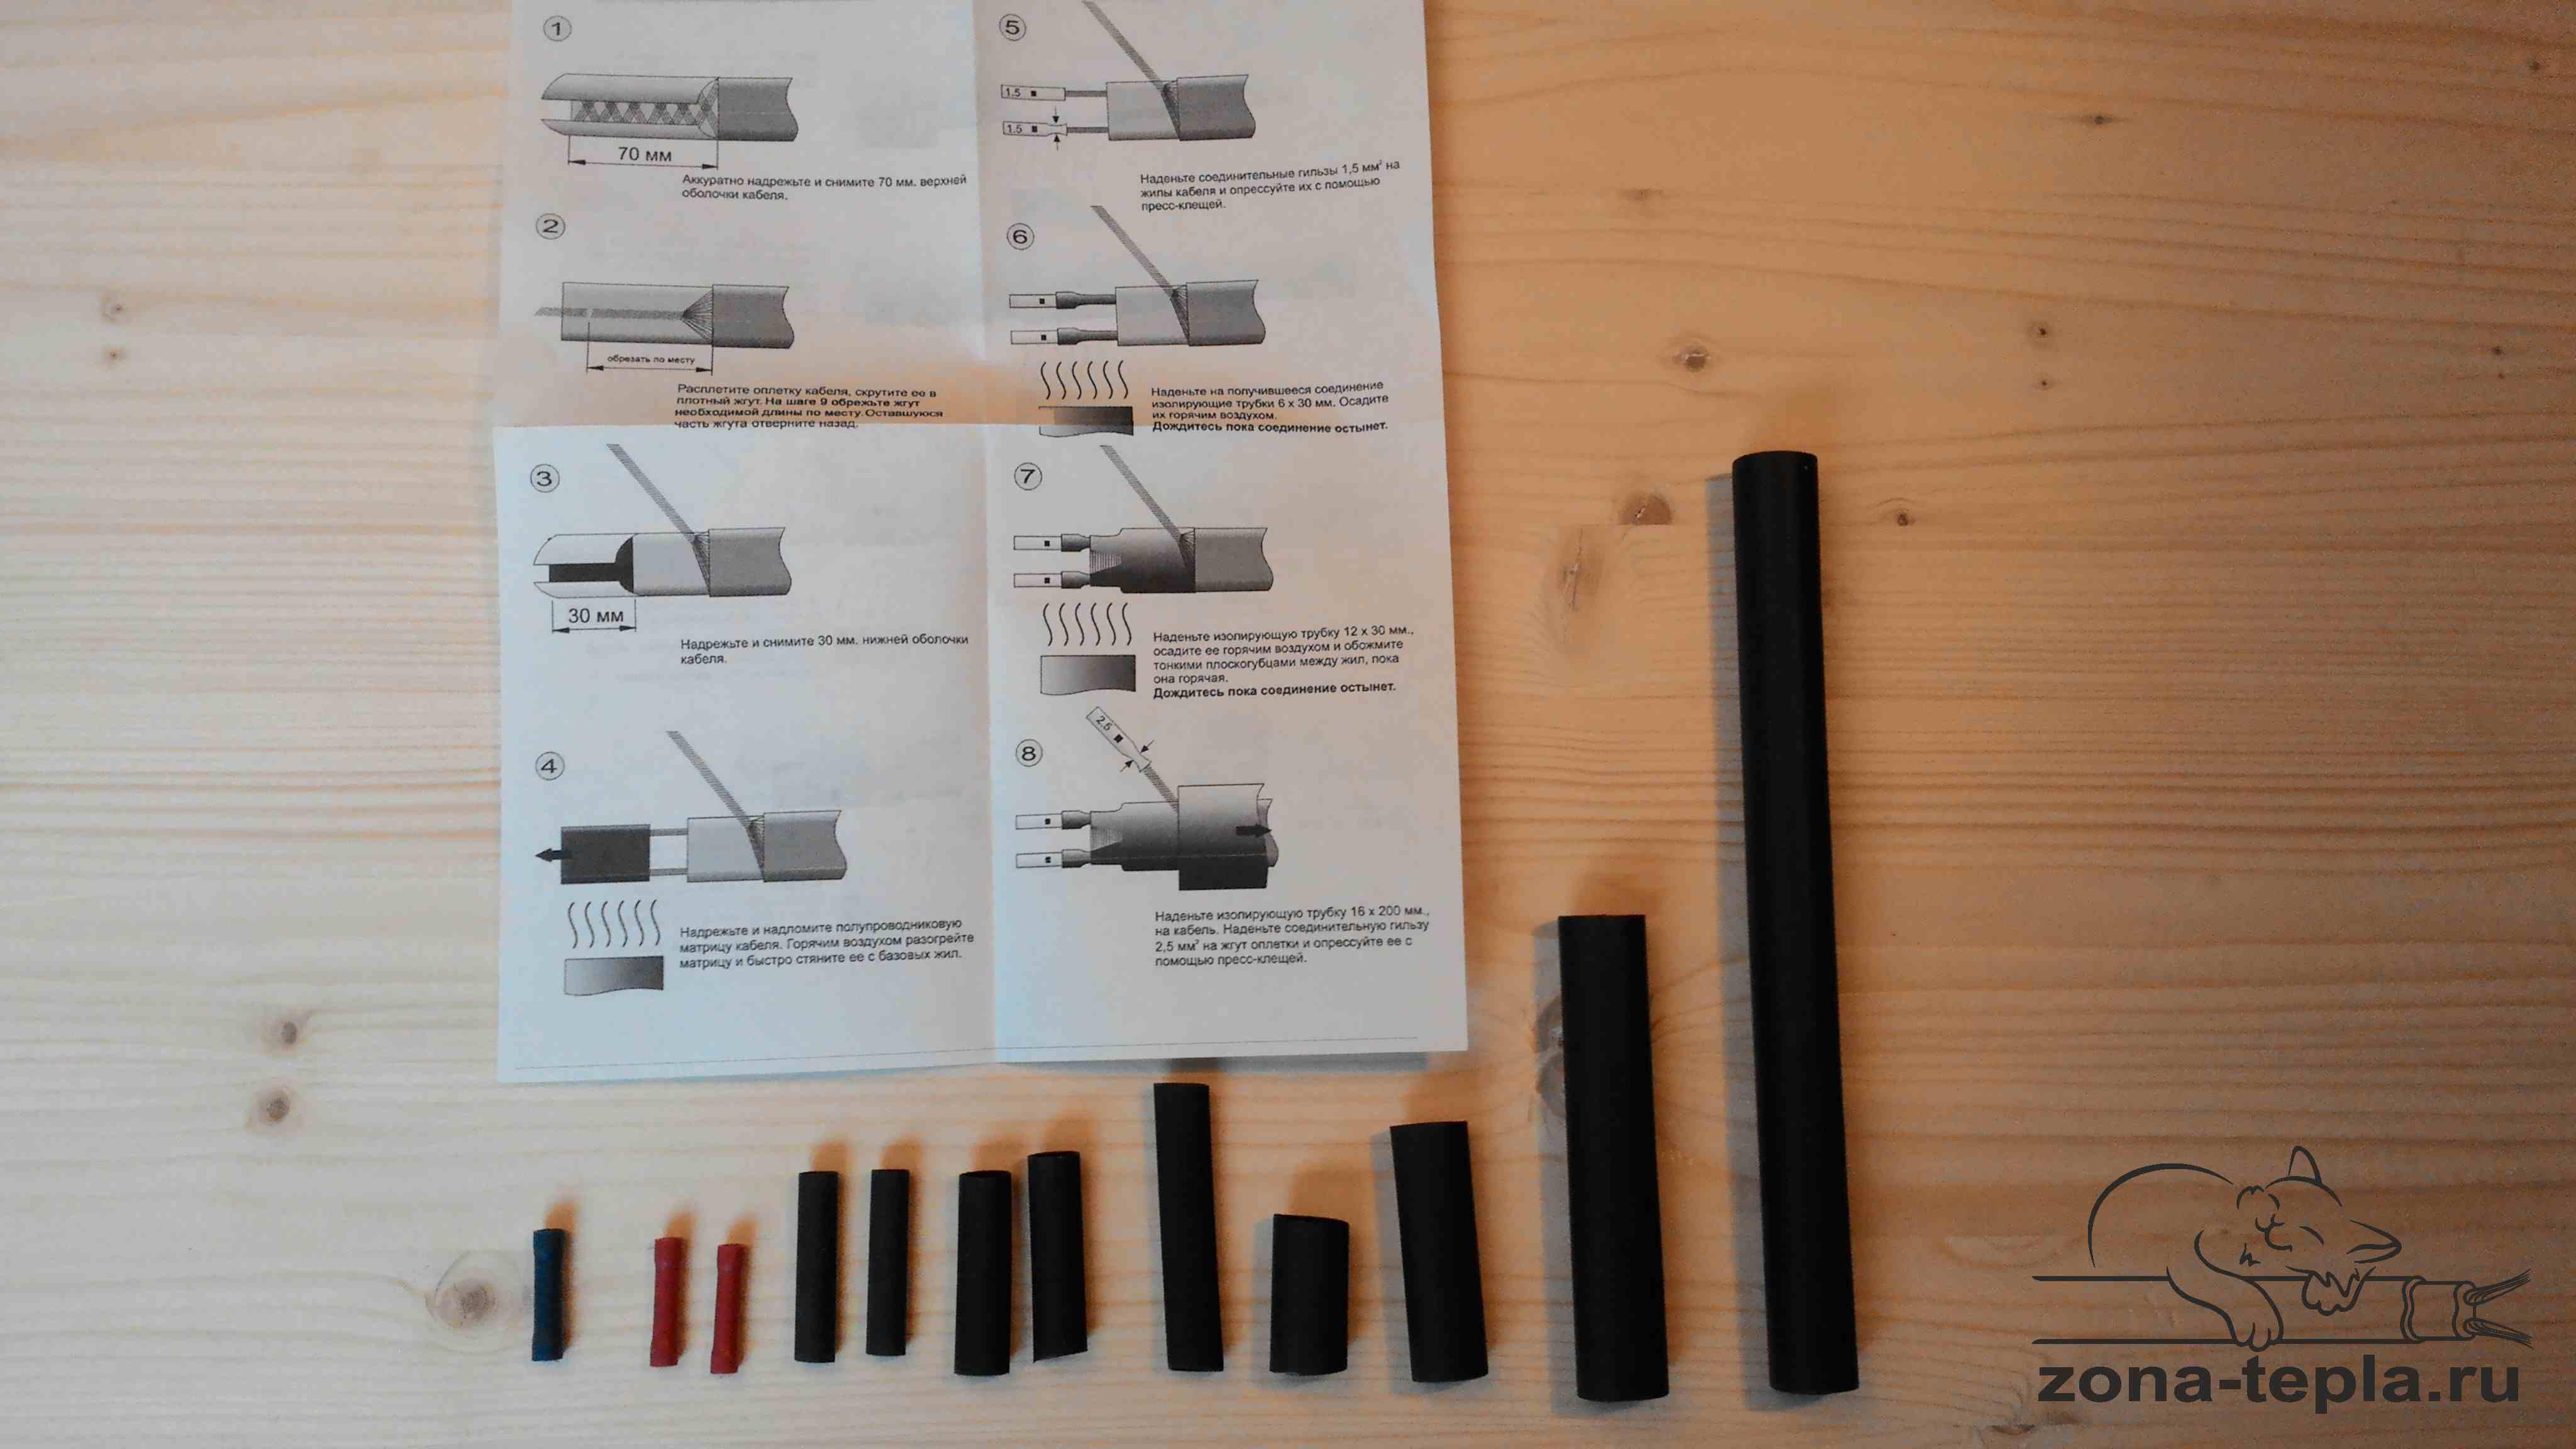 Муфта для саморегулирующегося кабеля